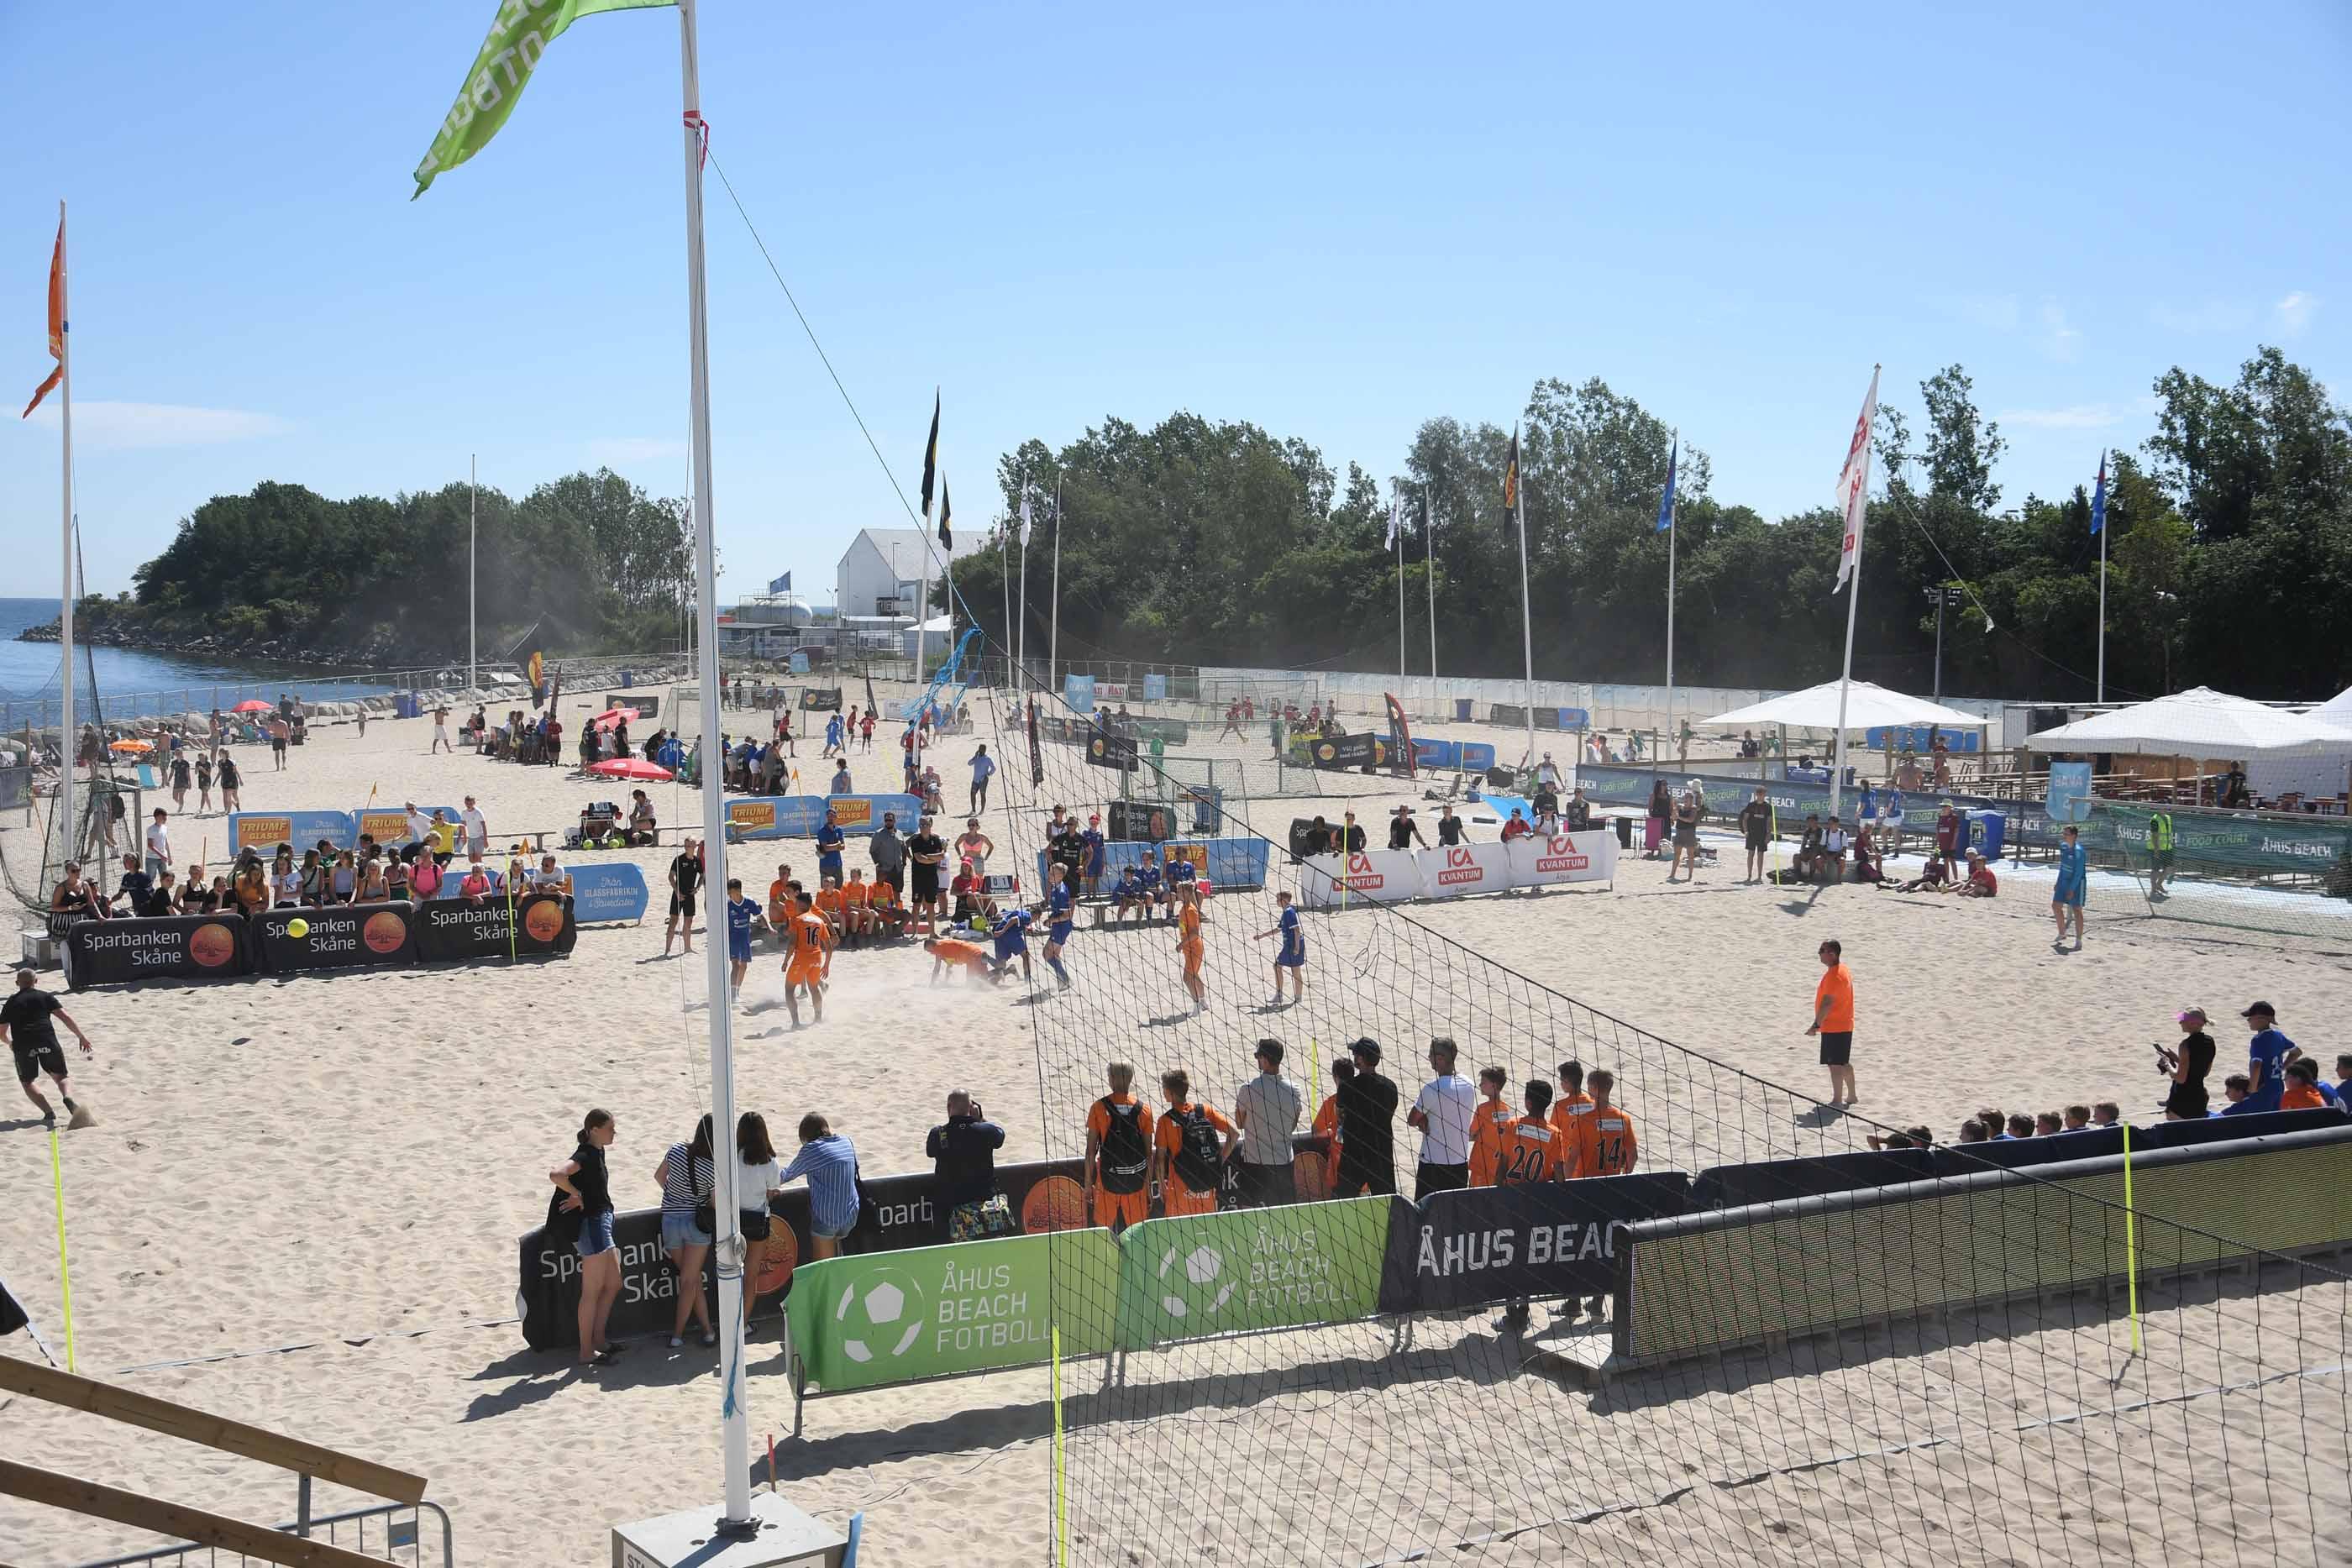 BILDEXTRA: Åhus Beachfotboll är igång